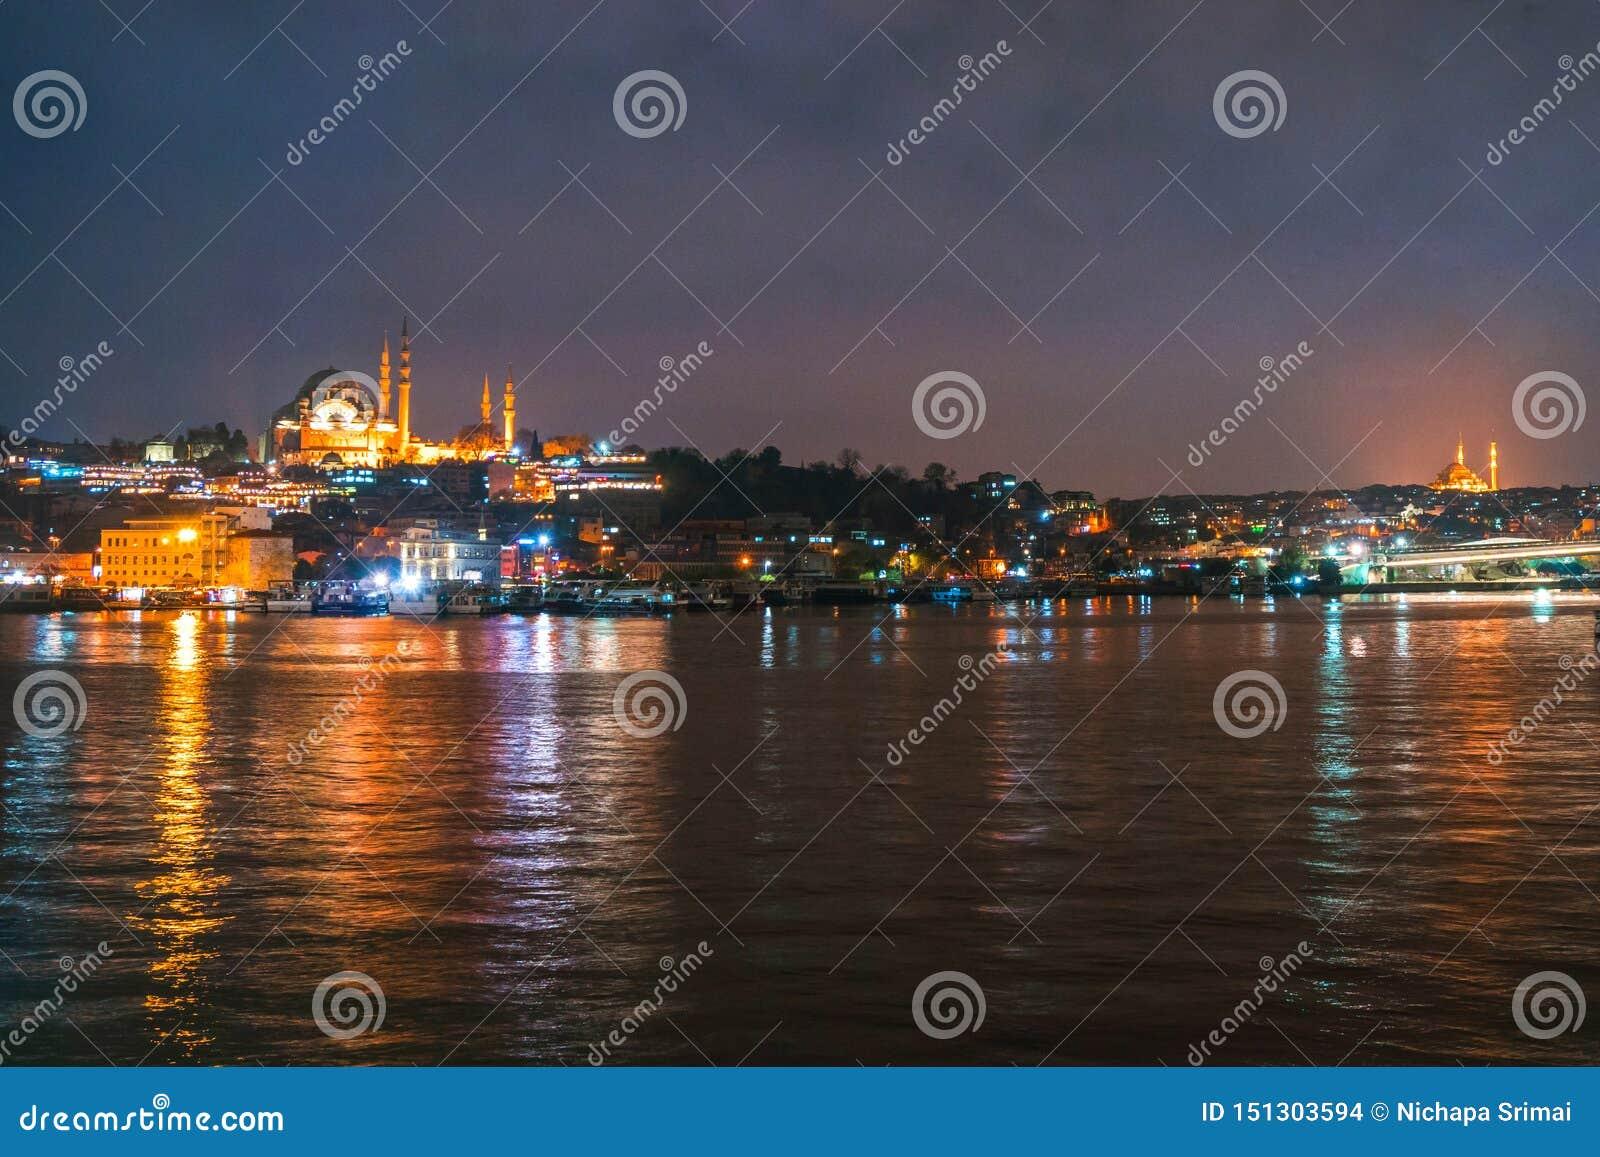 Nachtansicht von Istanbul-Stadtbild Suleymaniye-Moschee Rustem Pasha Mosque mit dem Schwimmen von touristischen Booten in Bosphor